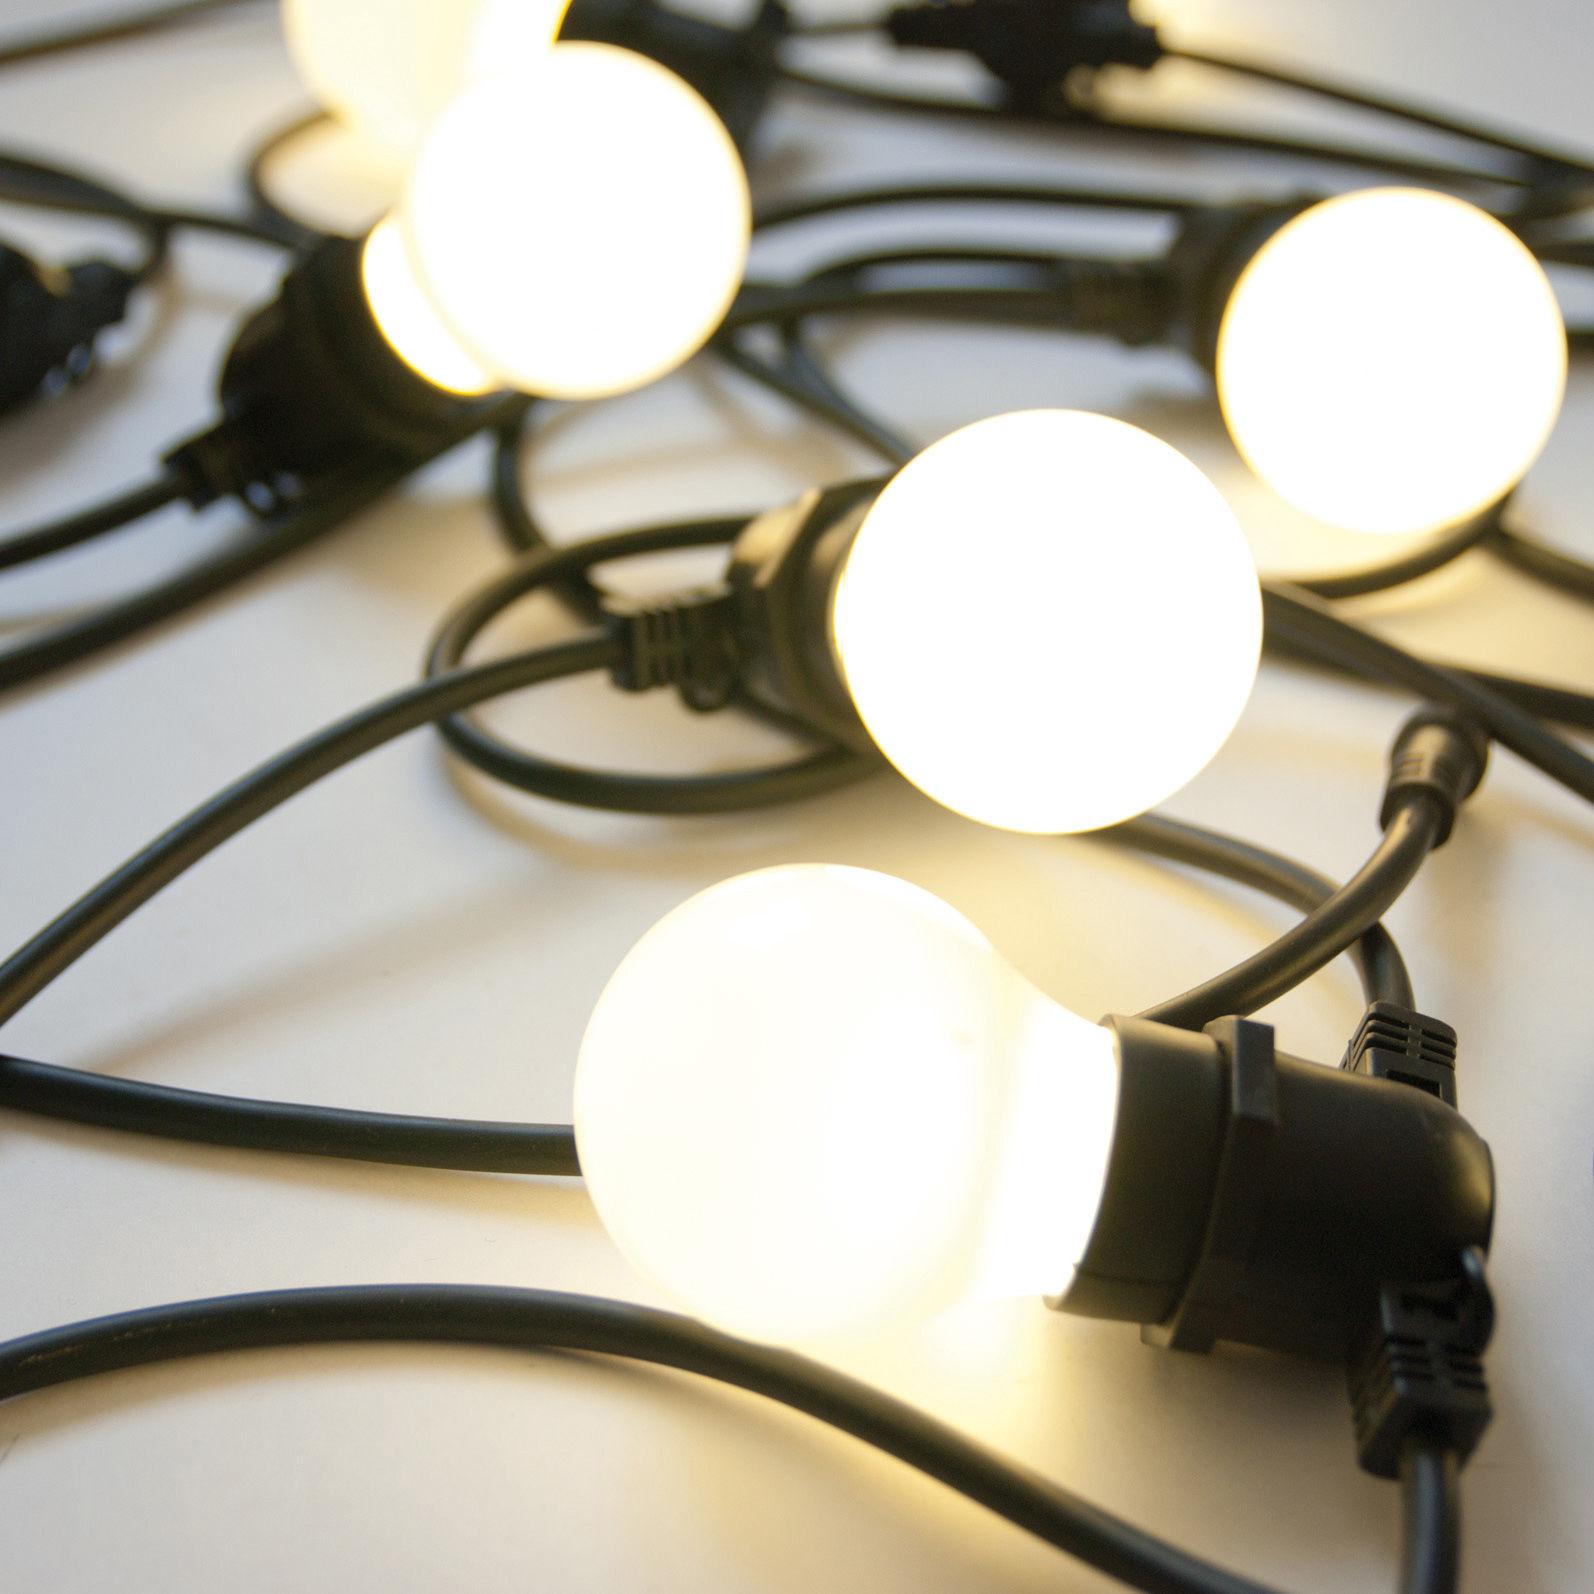 Outdoor - Luminaires d'exterieur - Ampoule LED E27 blanche / 0,48W - Pour  guirlande Bella Vista WHITE - Seletti - Ampoule de rechange / Blanc - Métal, Verre dépoli